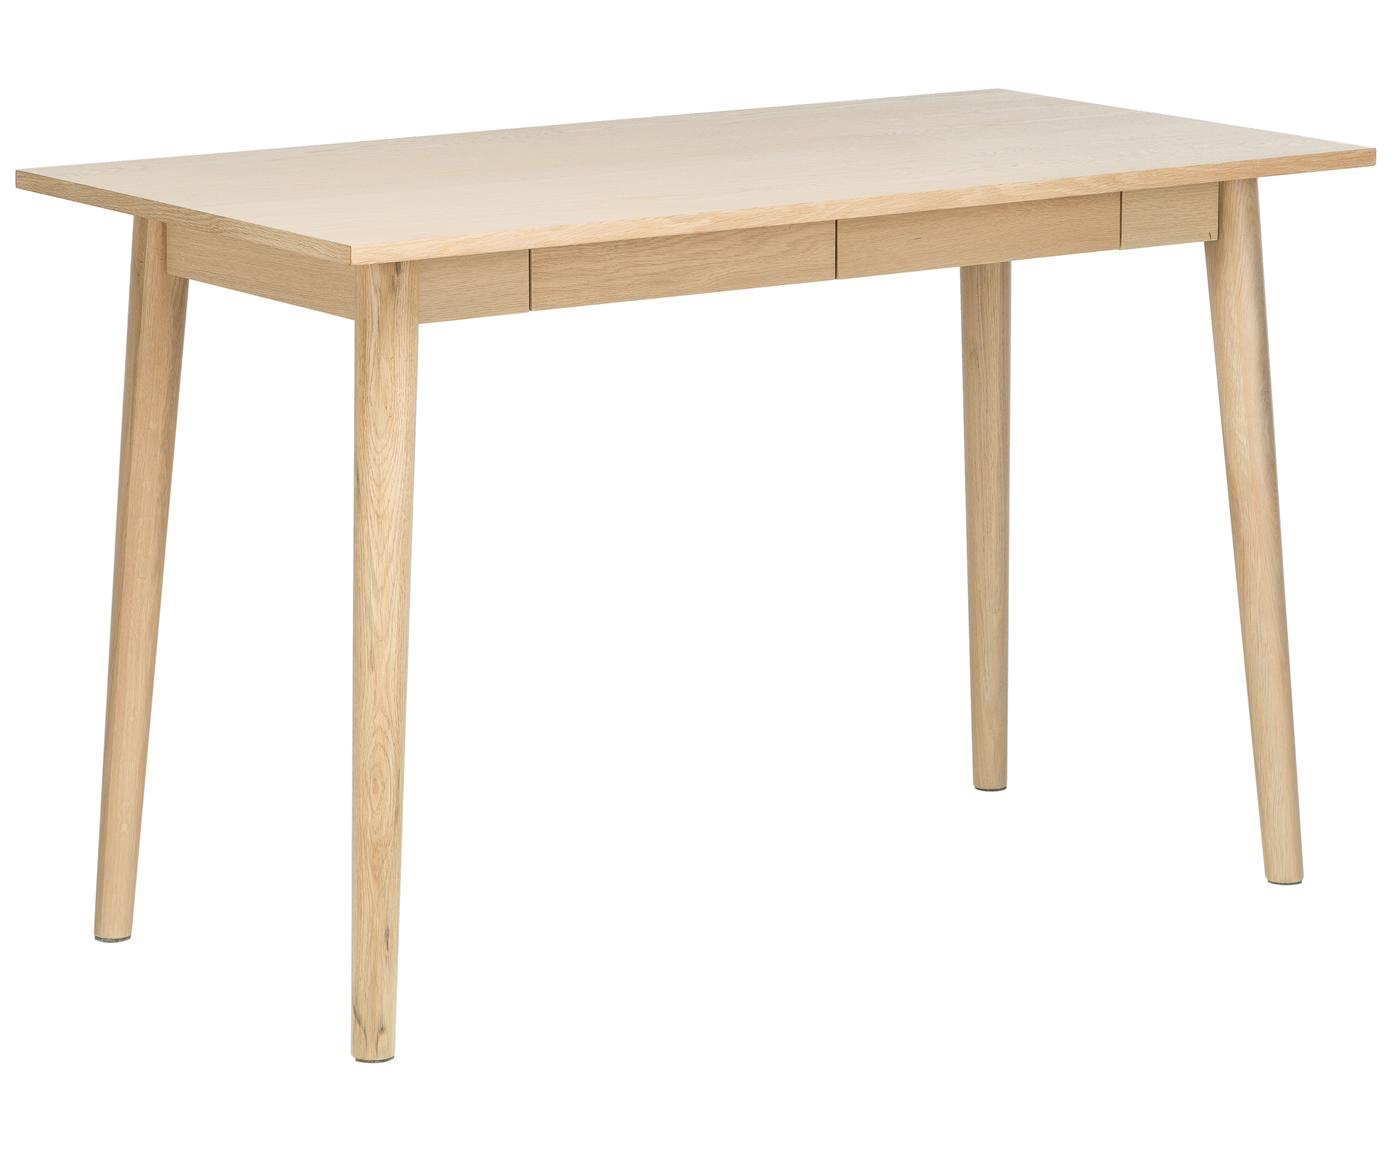 Kleiner Schreibtisch Marte aus Eiche, Tischplatte: Mitteldichte Holzfaserpla, Eichenholz, weisspigmentiert, B 120 x T 60 cm